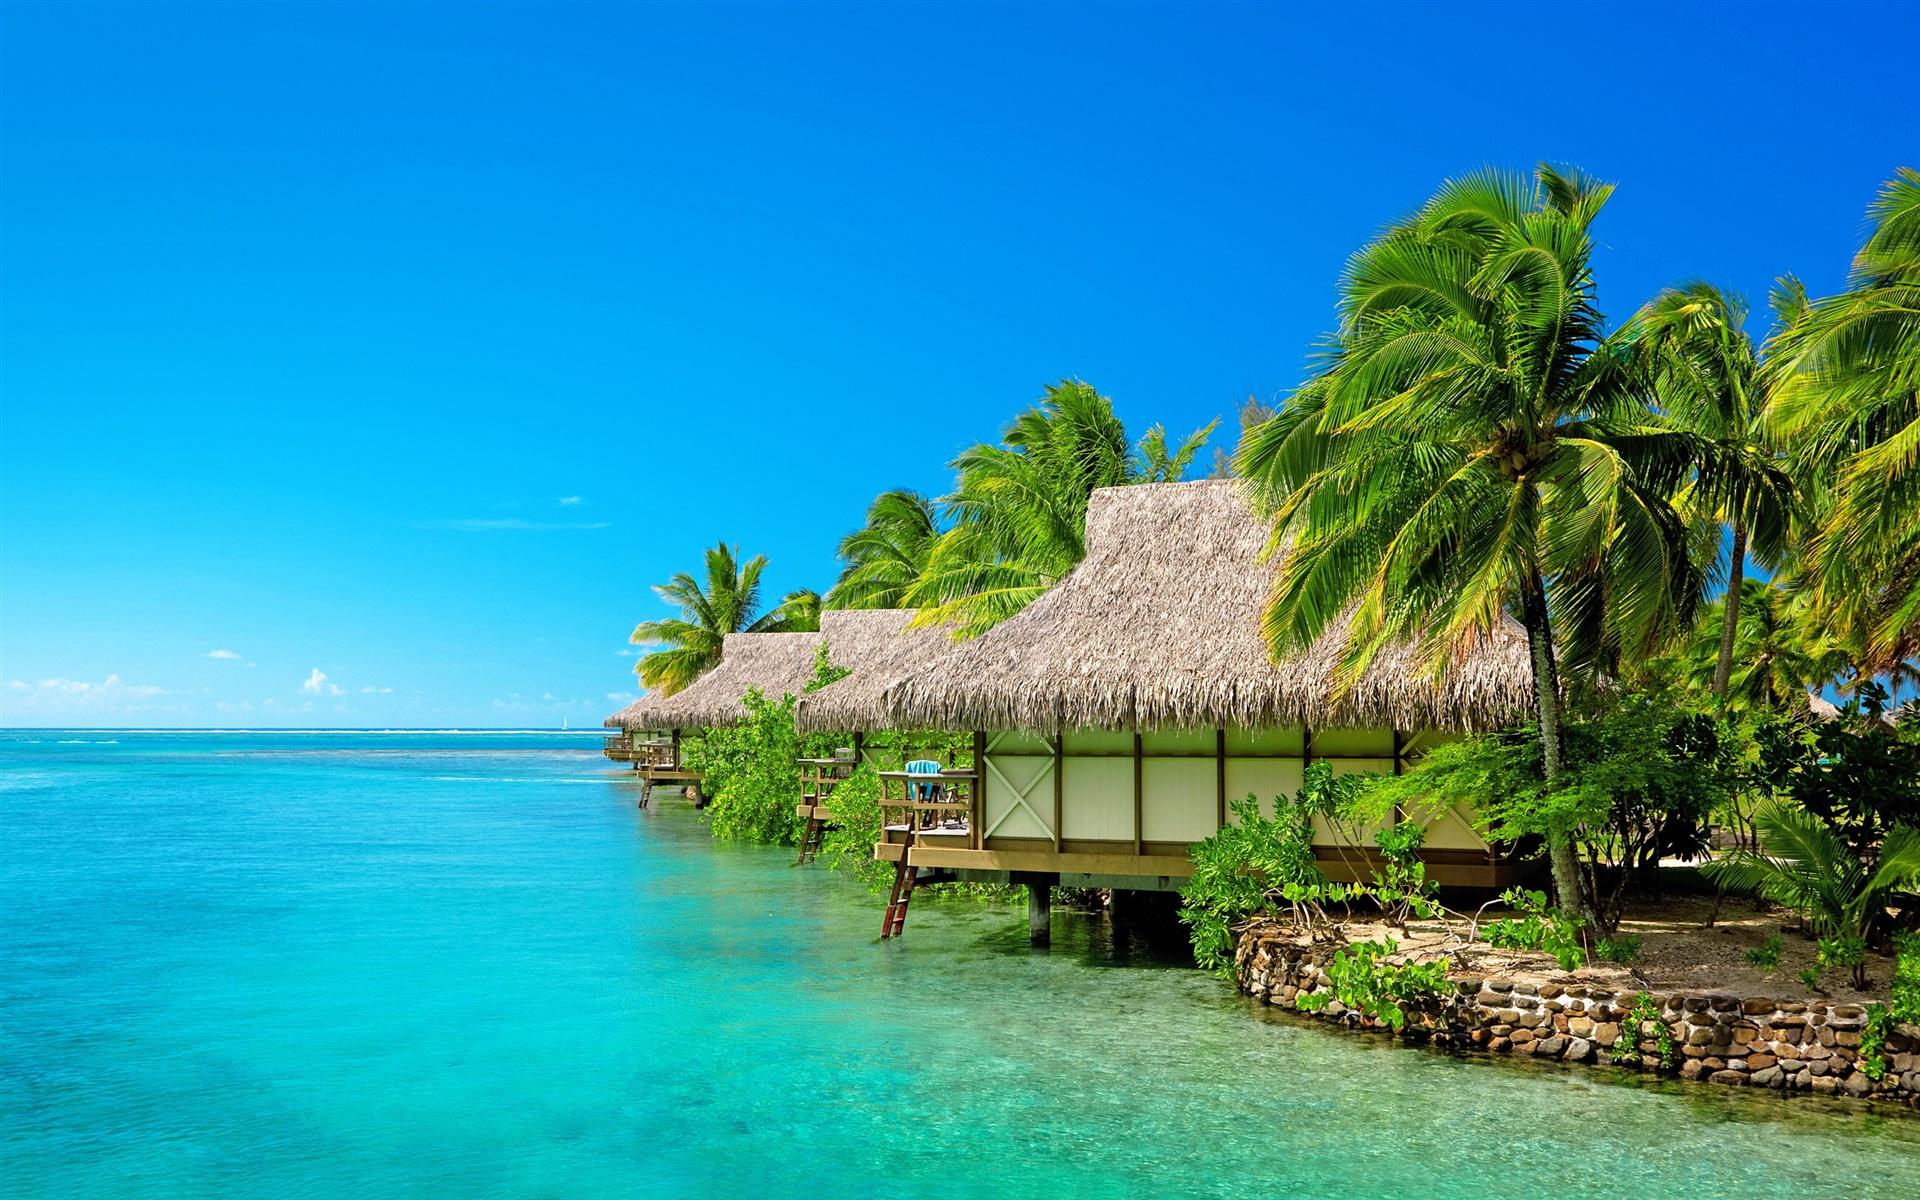 壁紙の説明: 海、青空、リゾート、バンガロー ...